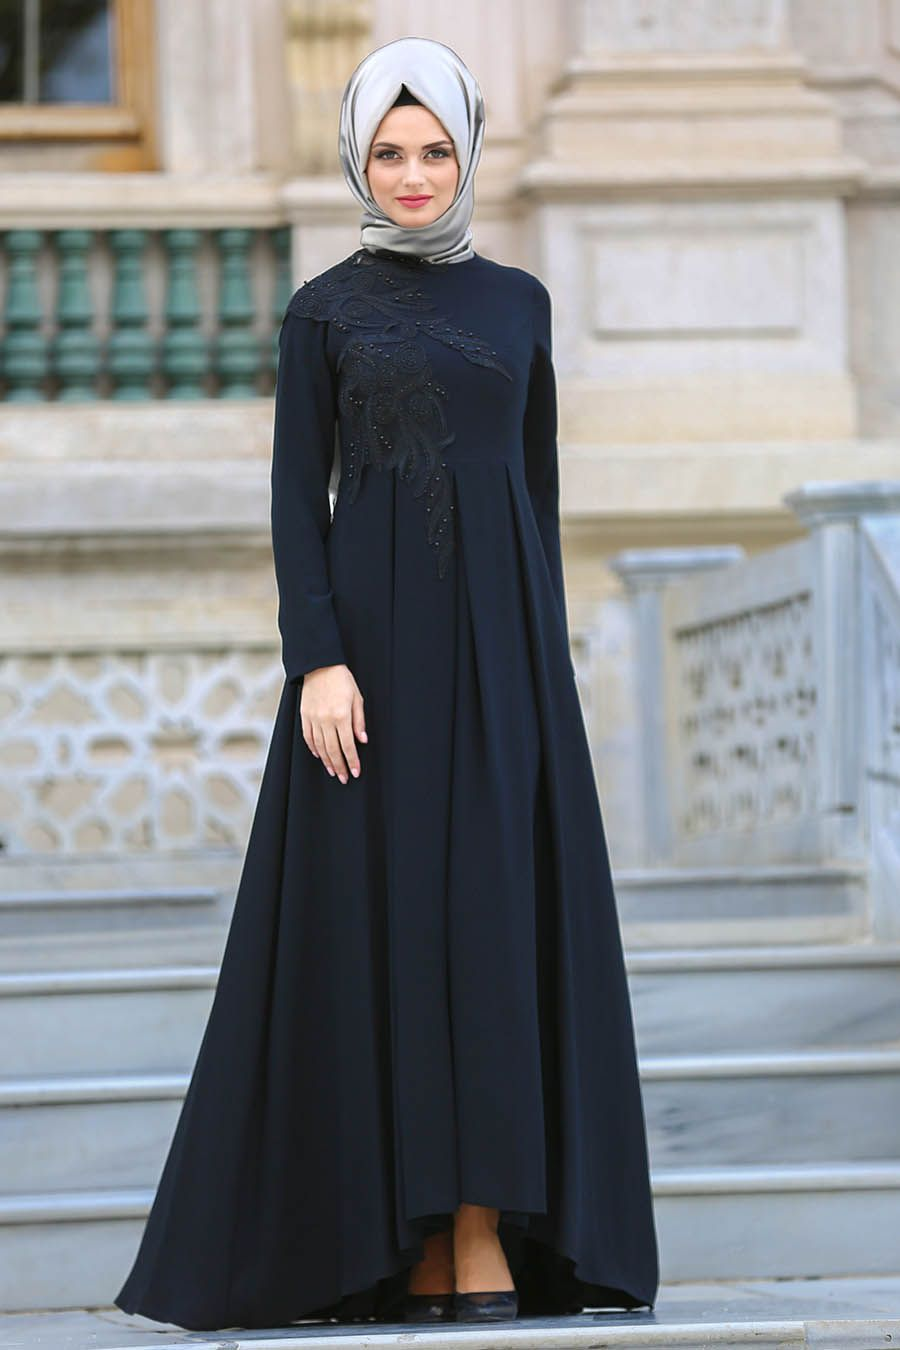 ab65fd86699d7 2018 Yeni Sezon Abiye Koleksiyonu - Neva Style - Pileli Siyah Tesettür Abiye  Elbise 3520S